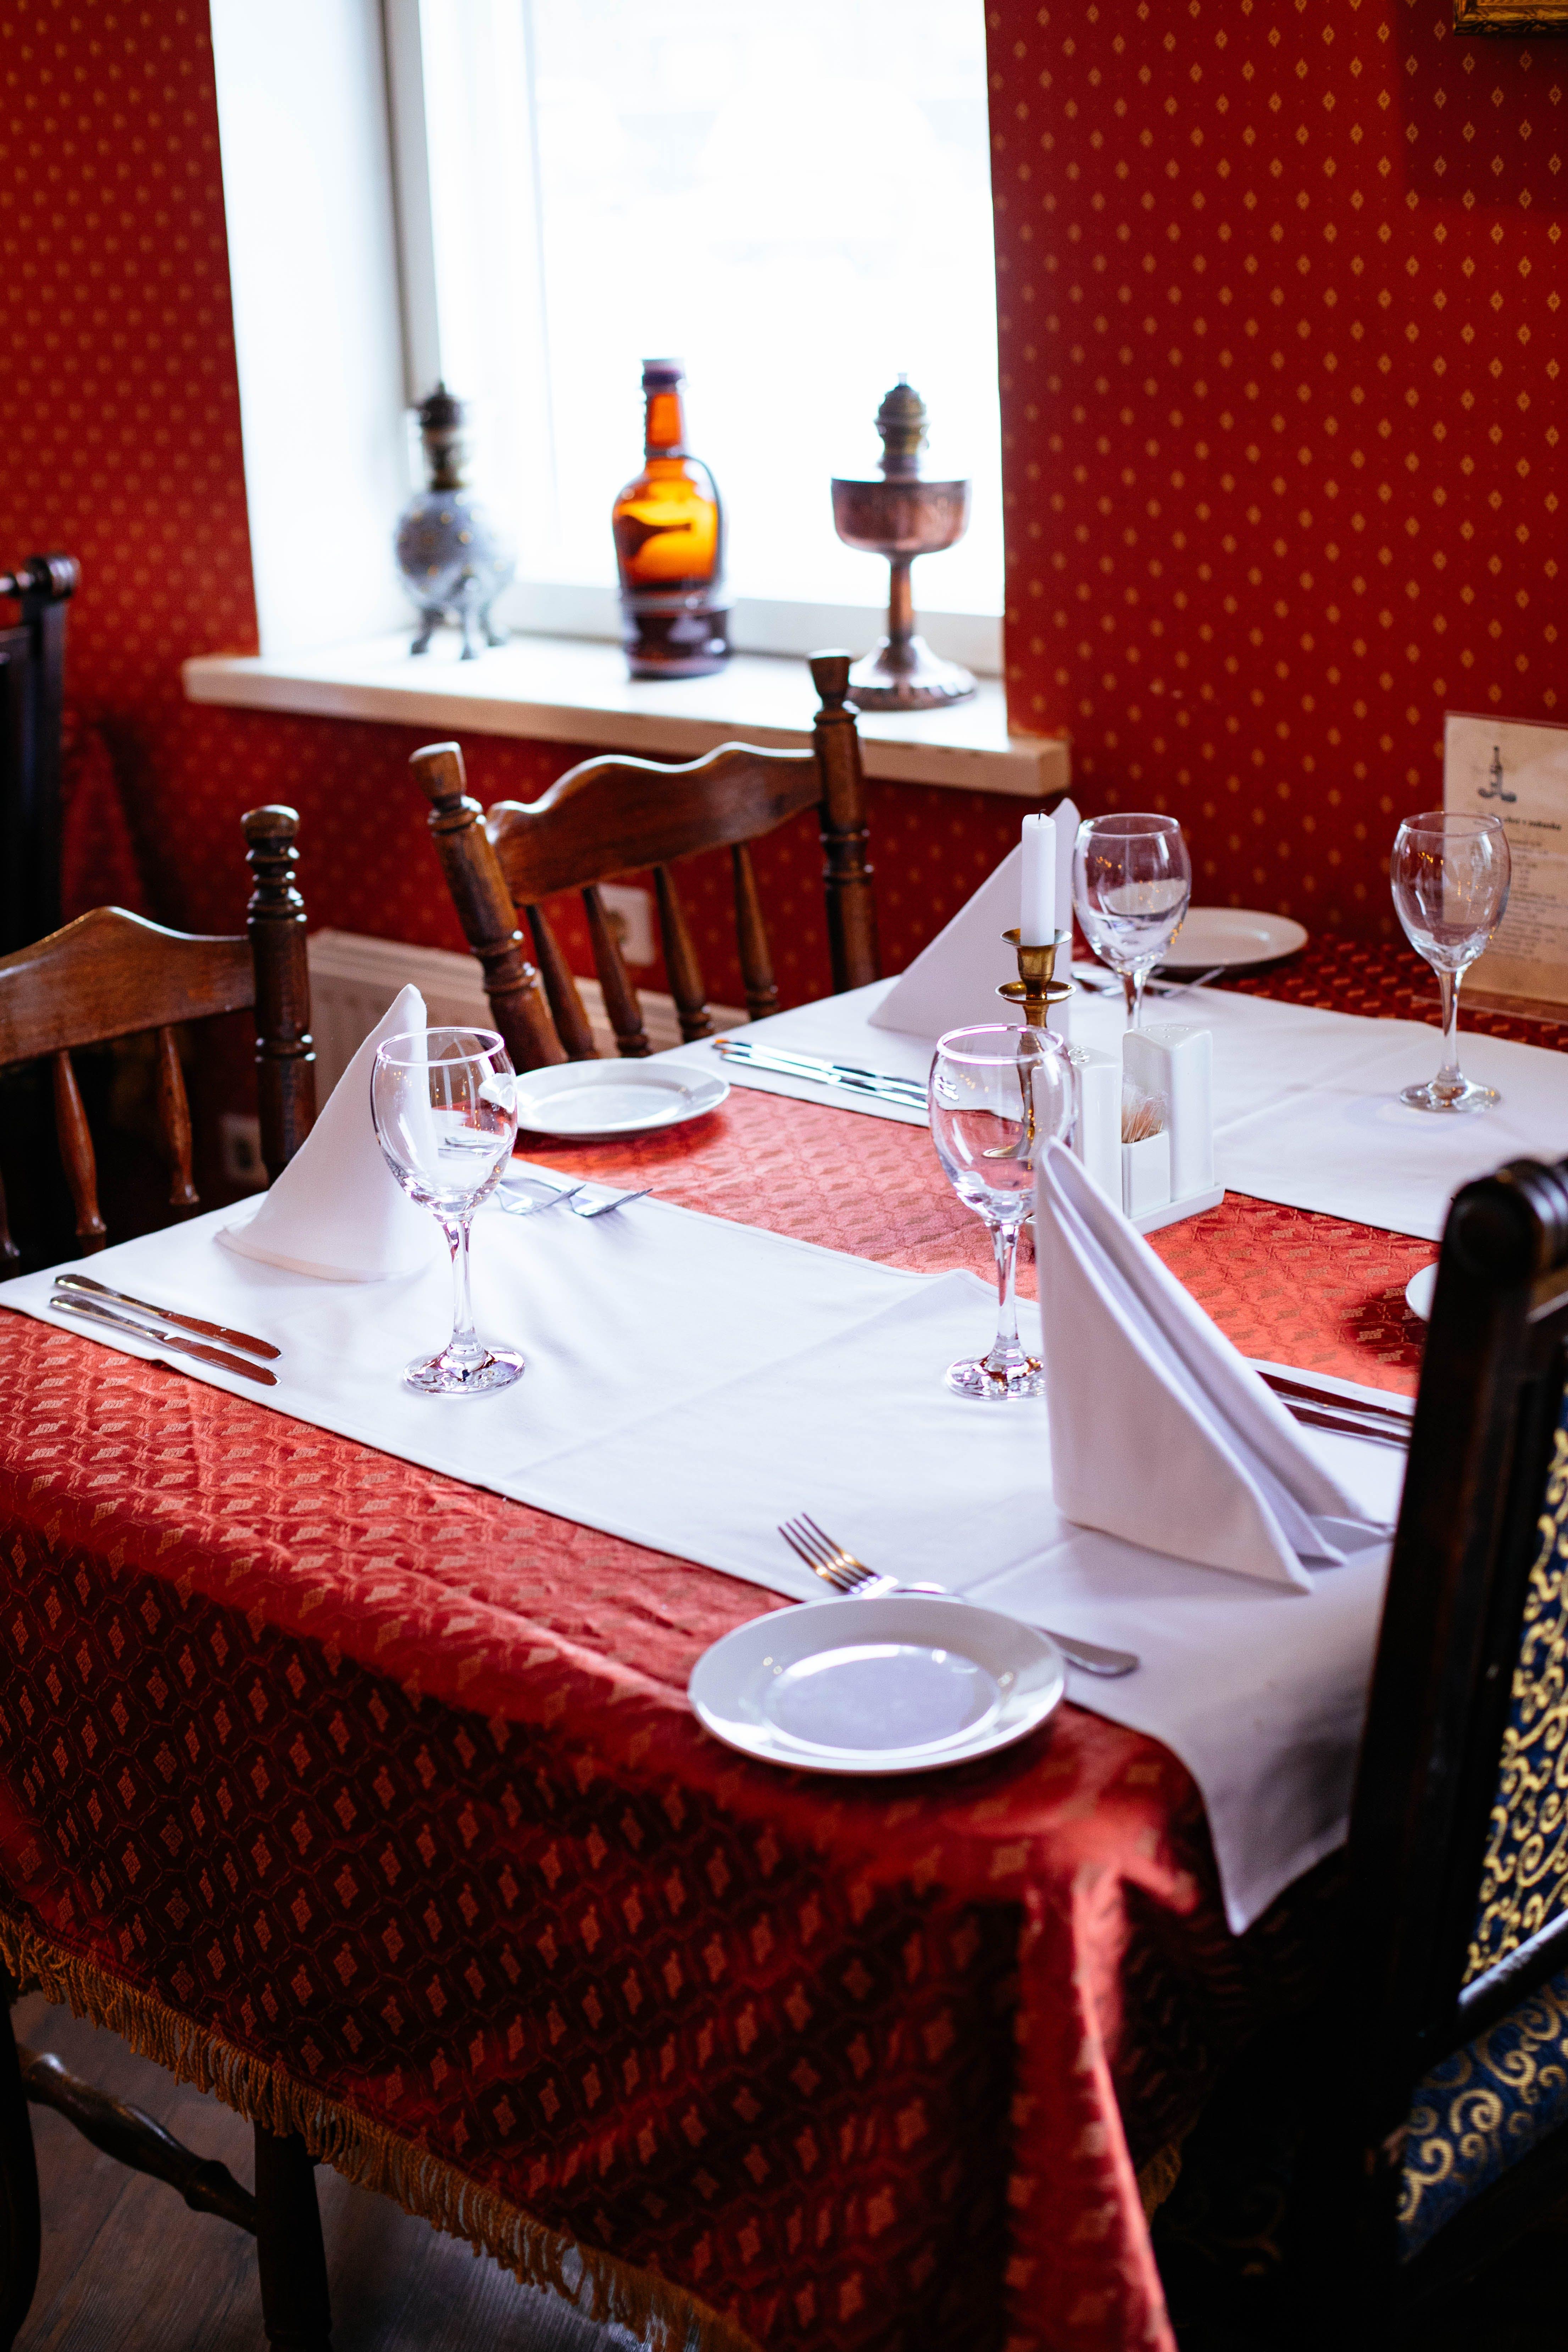 Foto profissional grátis de cadeira, disposição da mesa, faqueiro, toalha de mesa